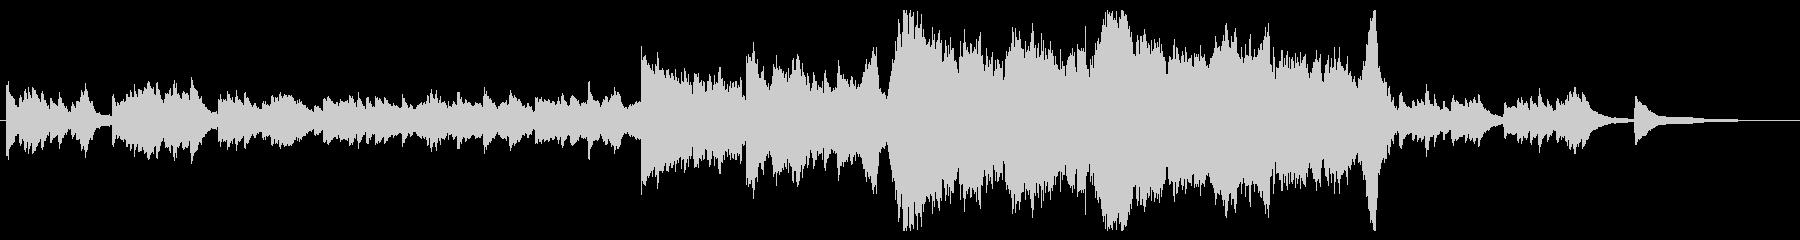 エンディングを想定したオーケストラの未再生の波形